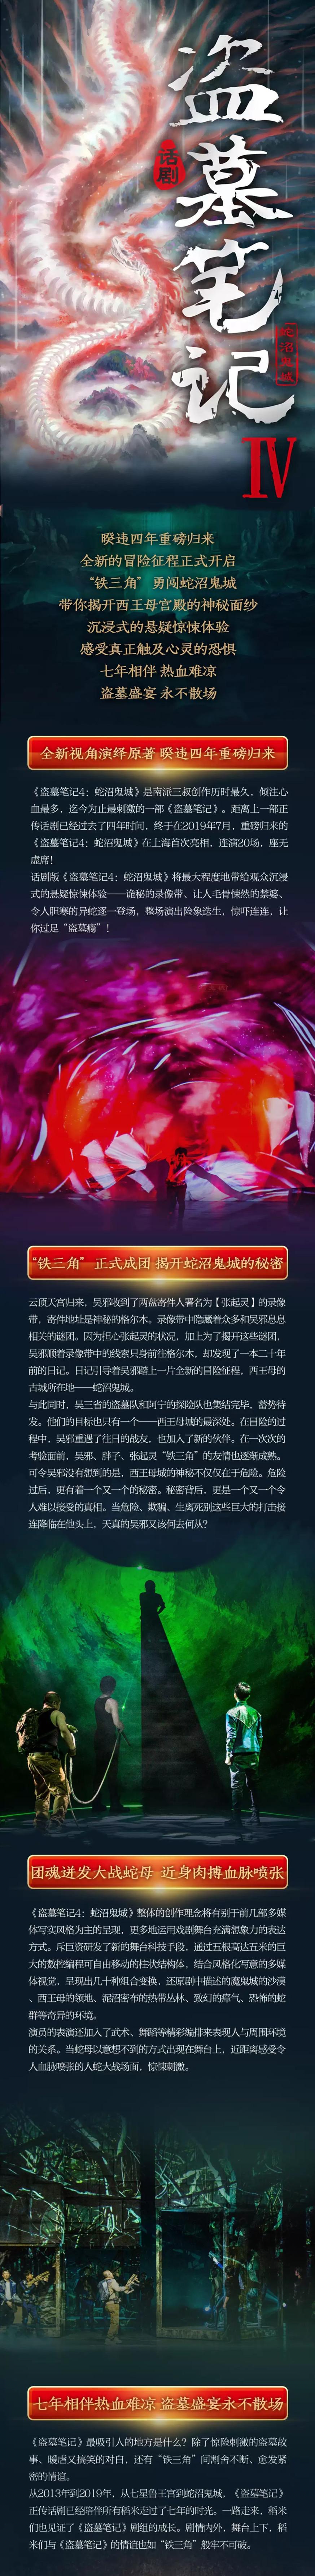 2021大型魔幻惊悚话剧《盗墓笔记IV:蛇沼鬼城》-北京站